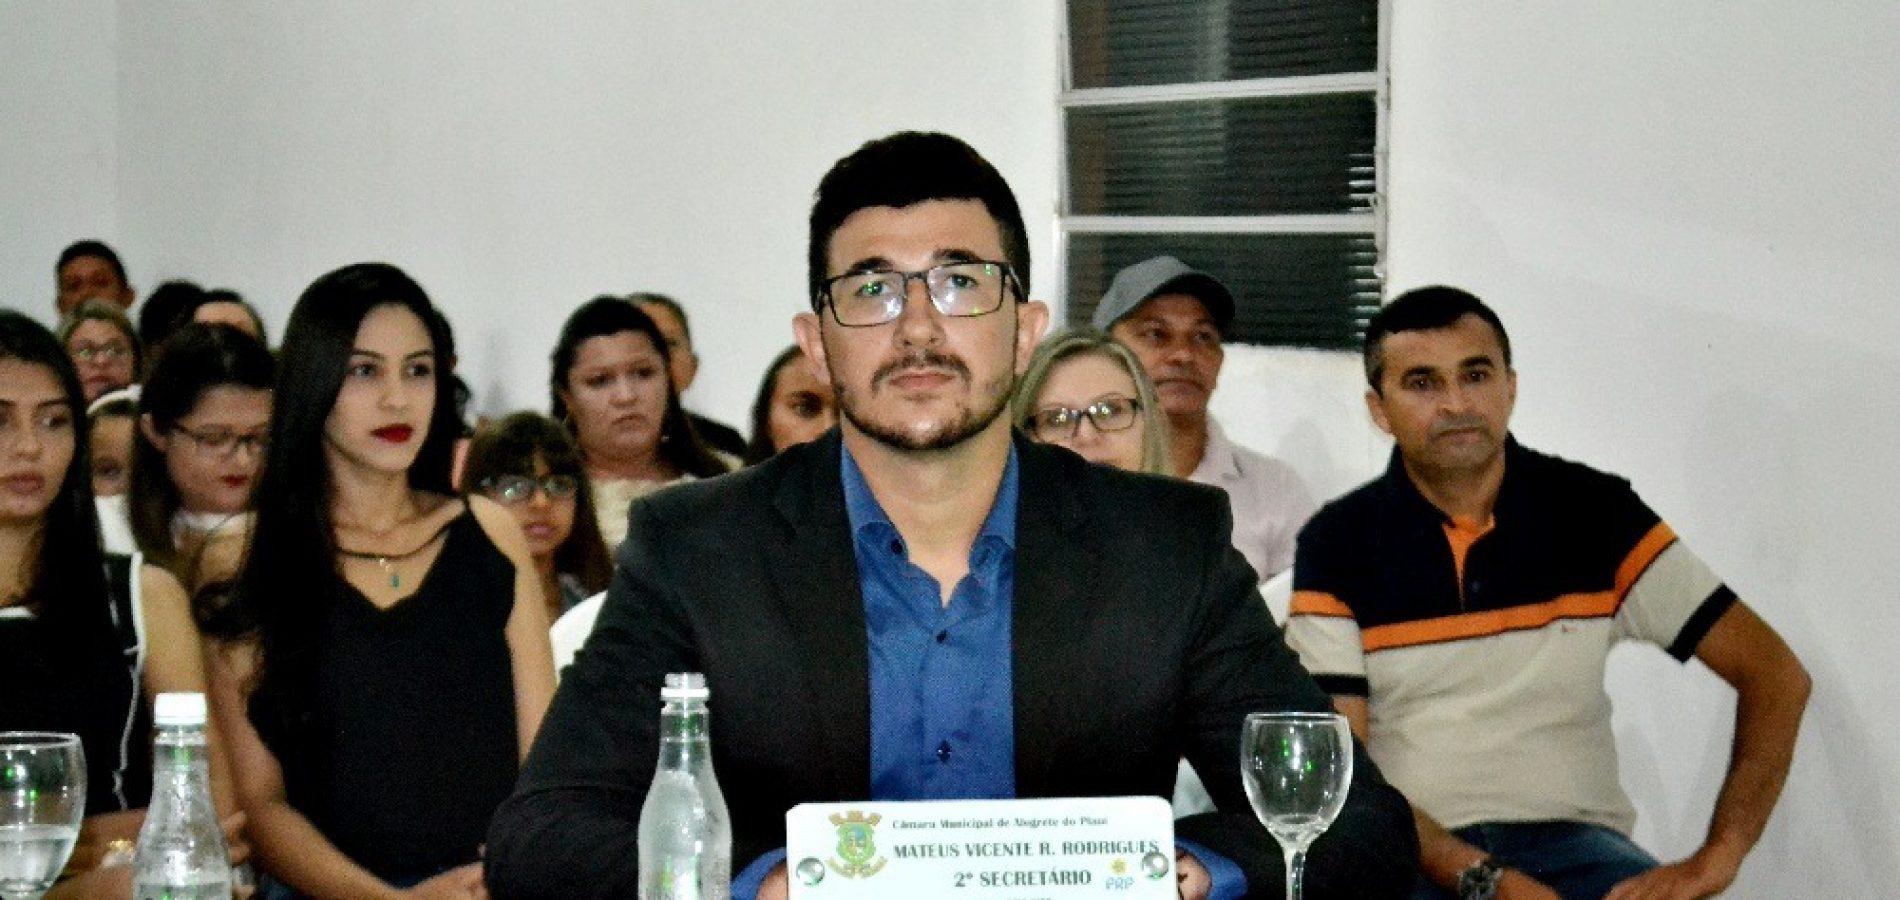 ALEGRETE | Vereador Mateus Vicente junto à Câmara de Vereadores realizará campanha em prol de famílias carentes